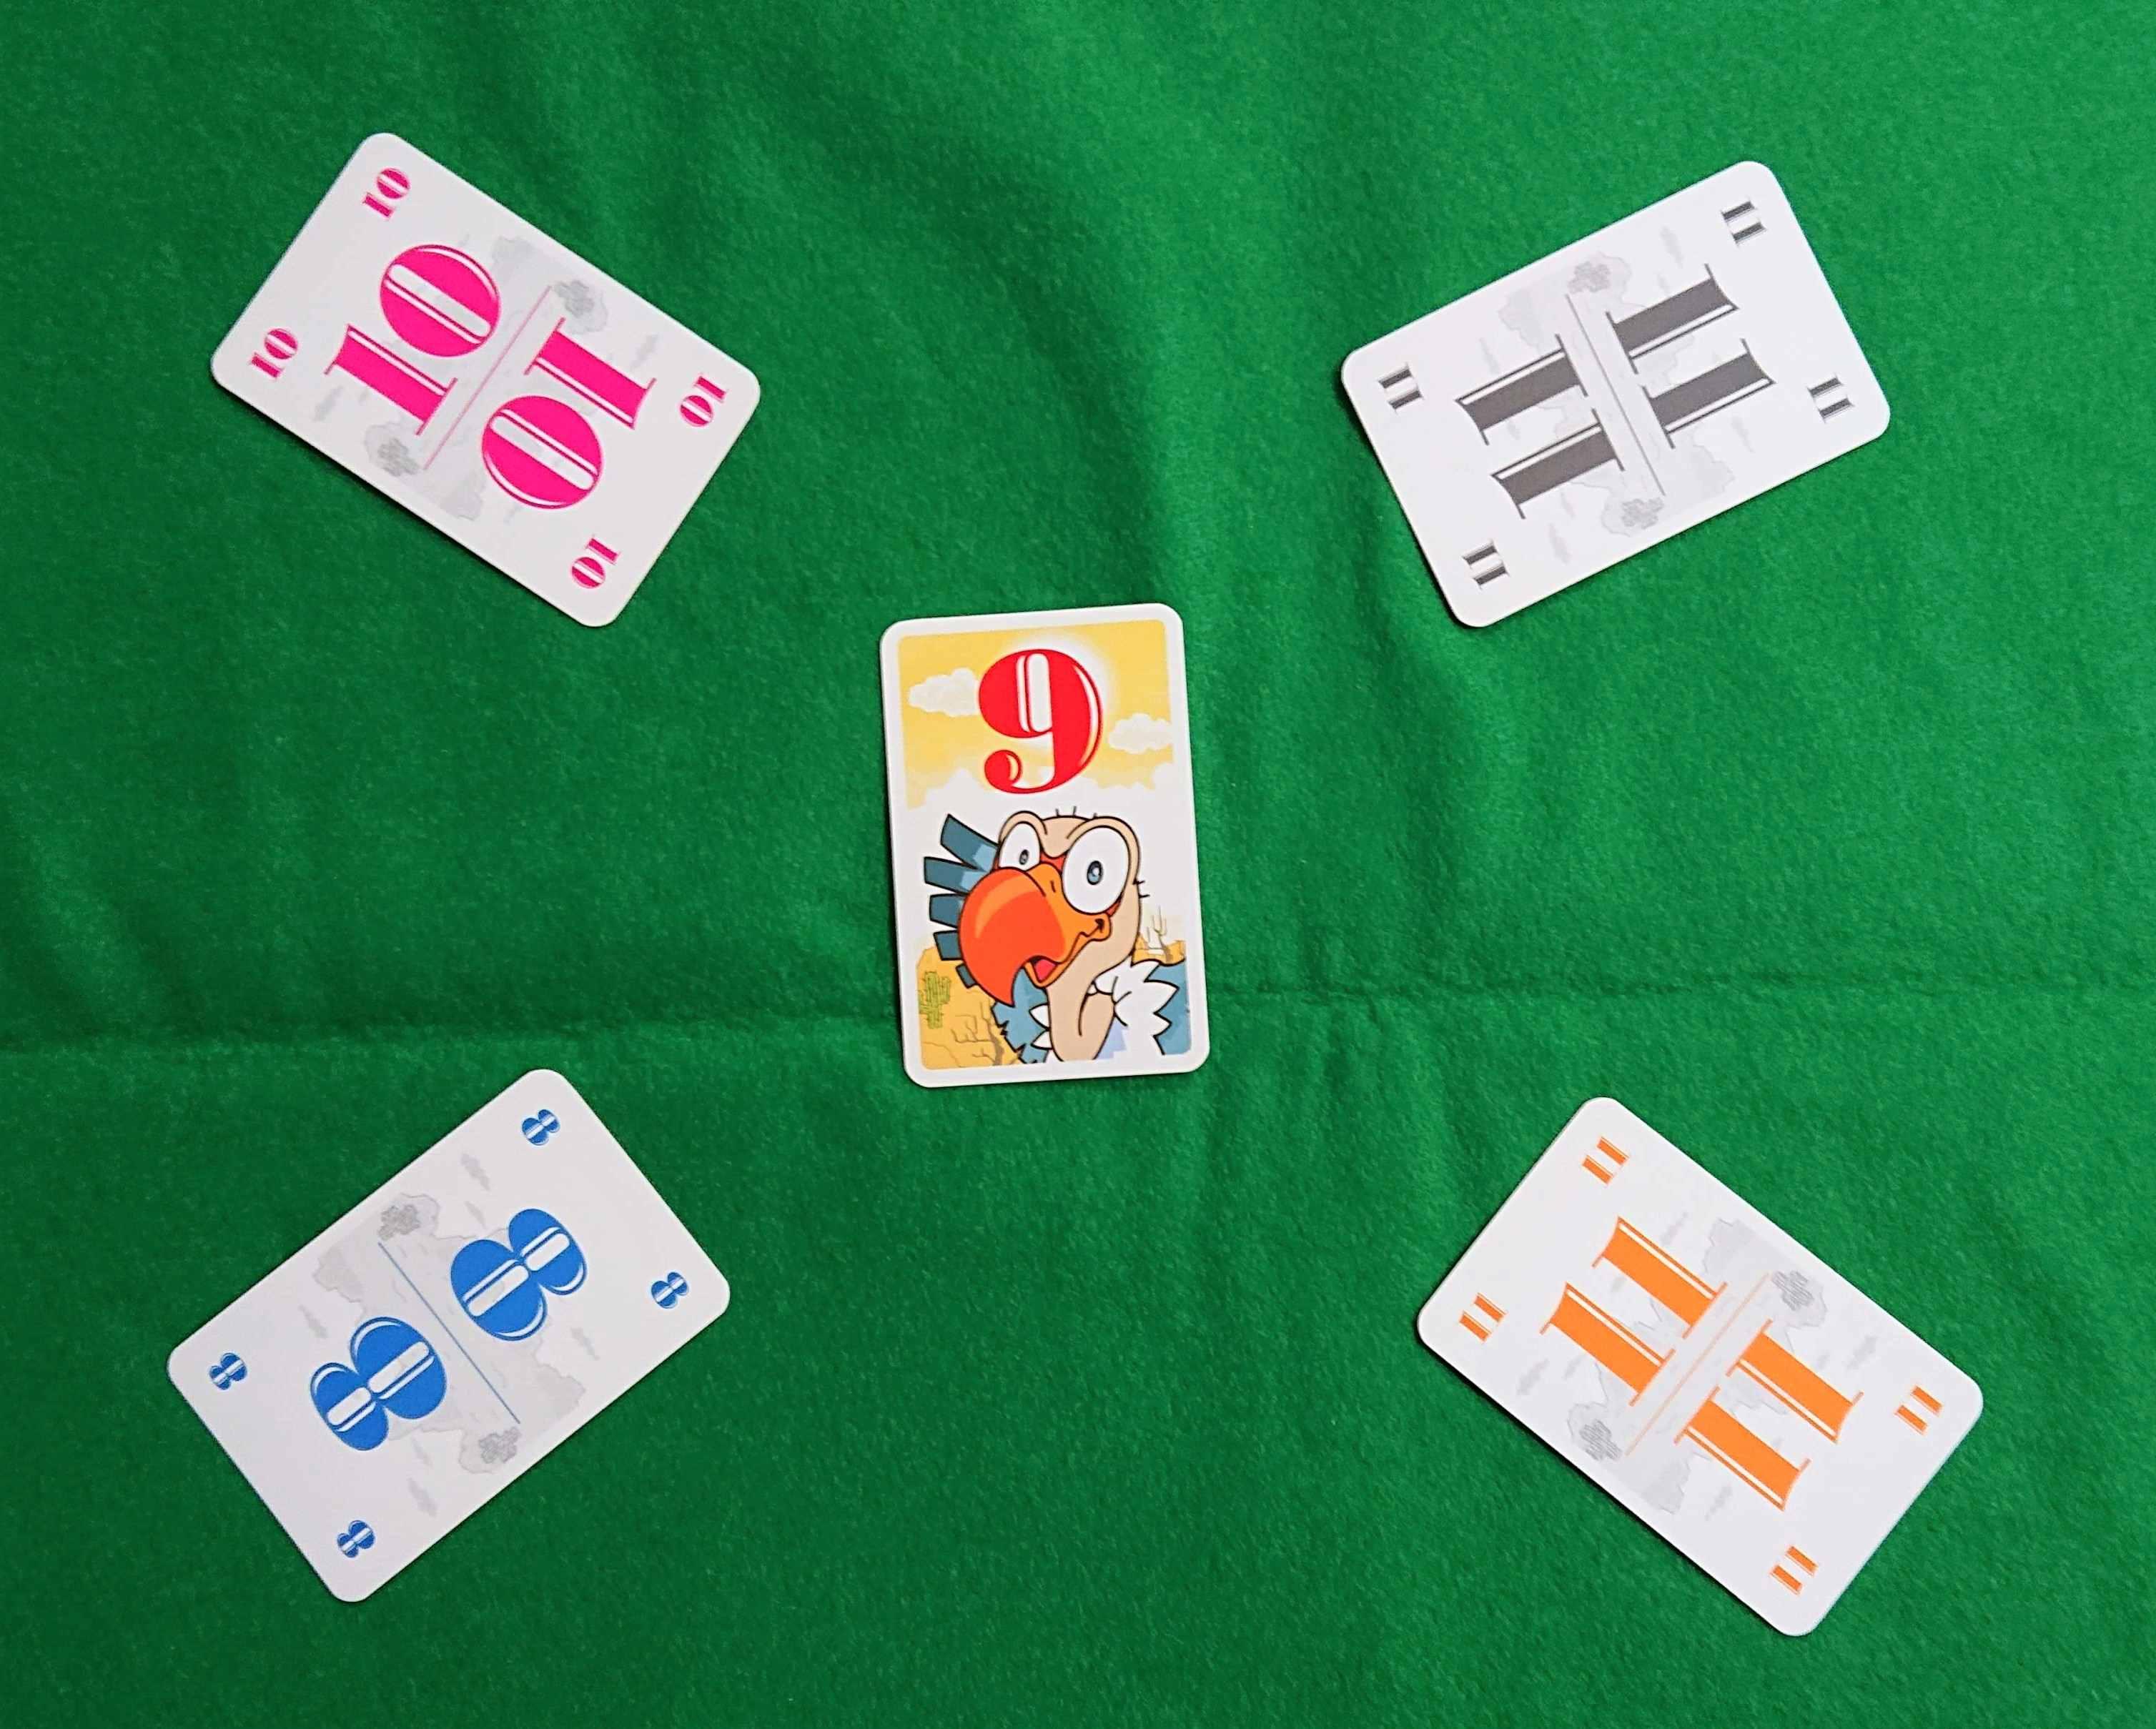 ハゲタカのえじき バッティングゲームの名作カードゲーム 被っちゃダメ!! ボードゲーム